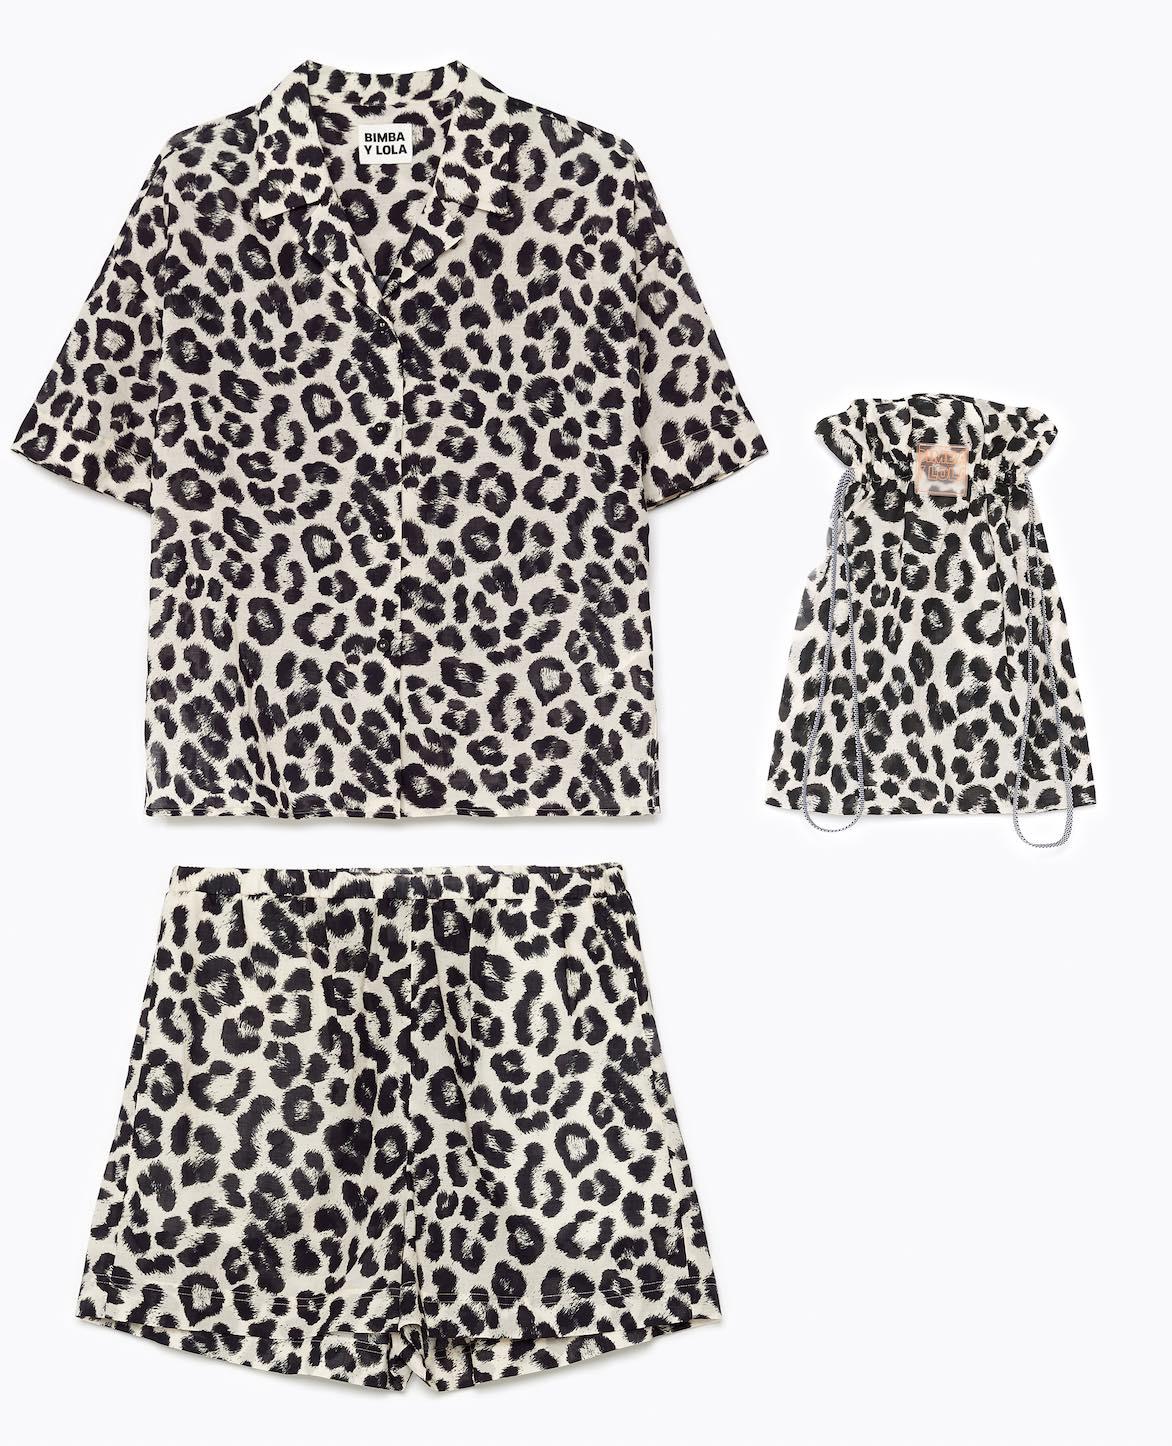 Current obsession: los nuevos pijamas (total look) de Bimba y Lola